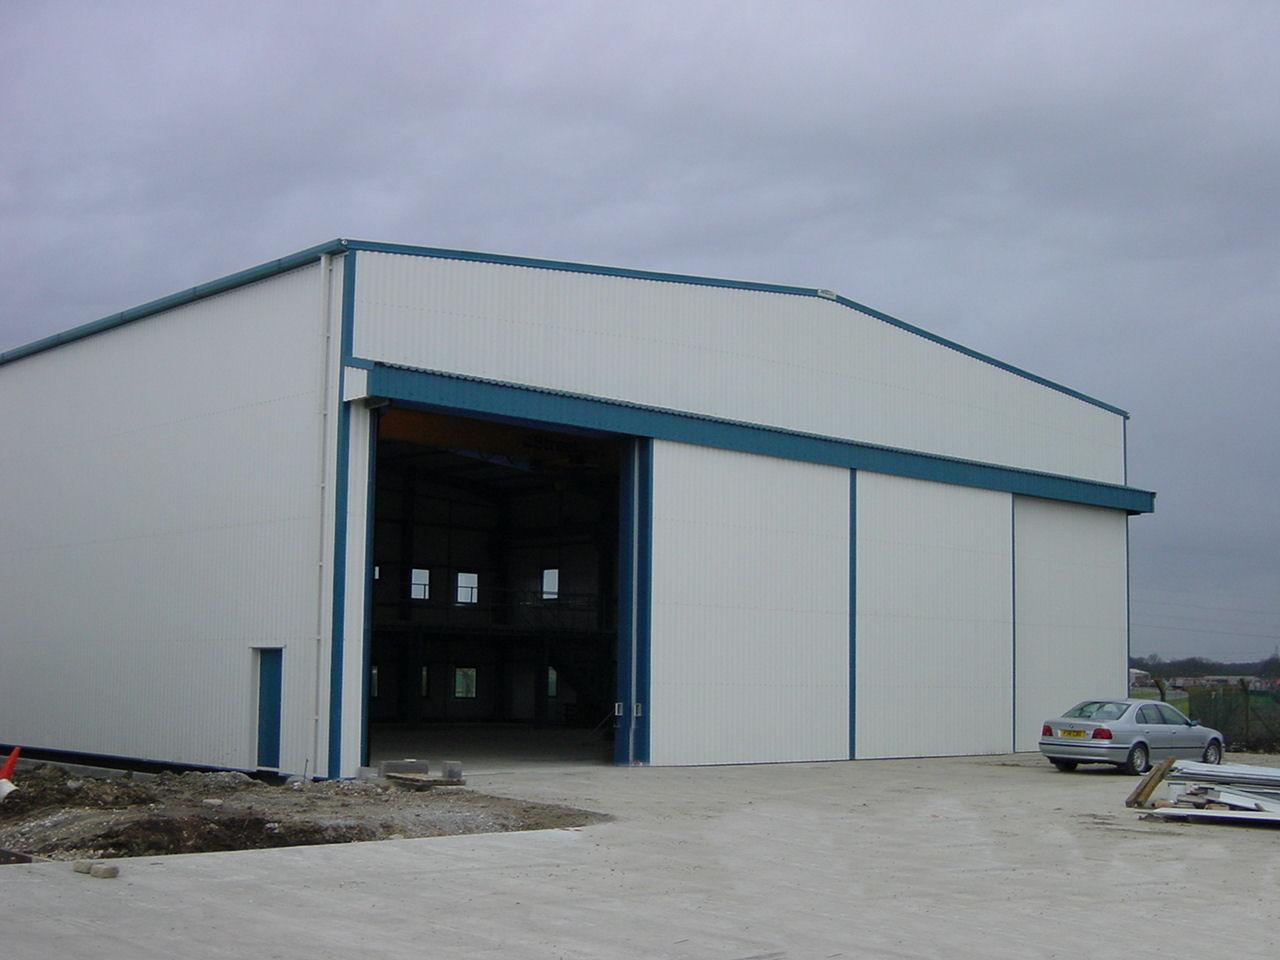 Steel Industrial Building Construction Design Industrial